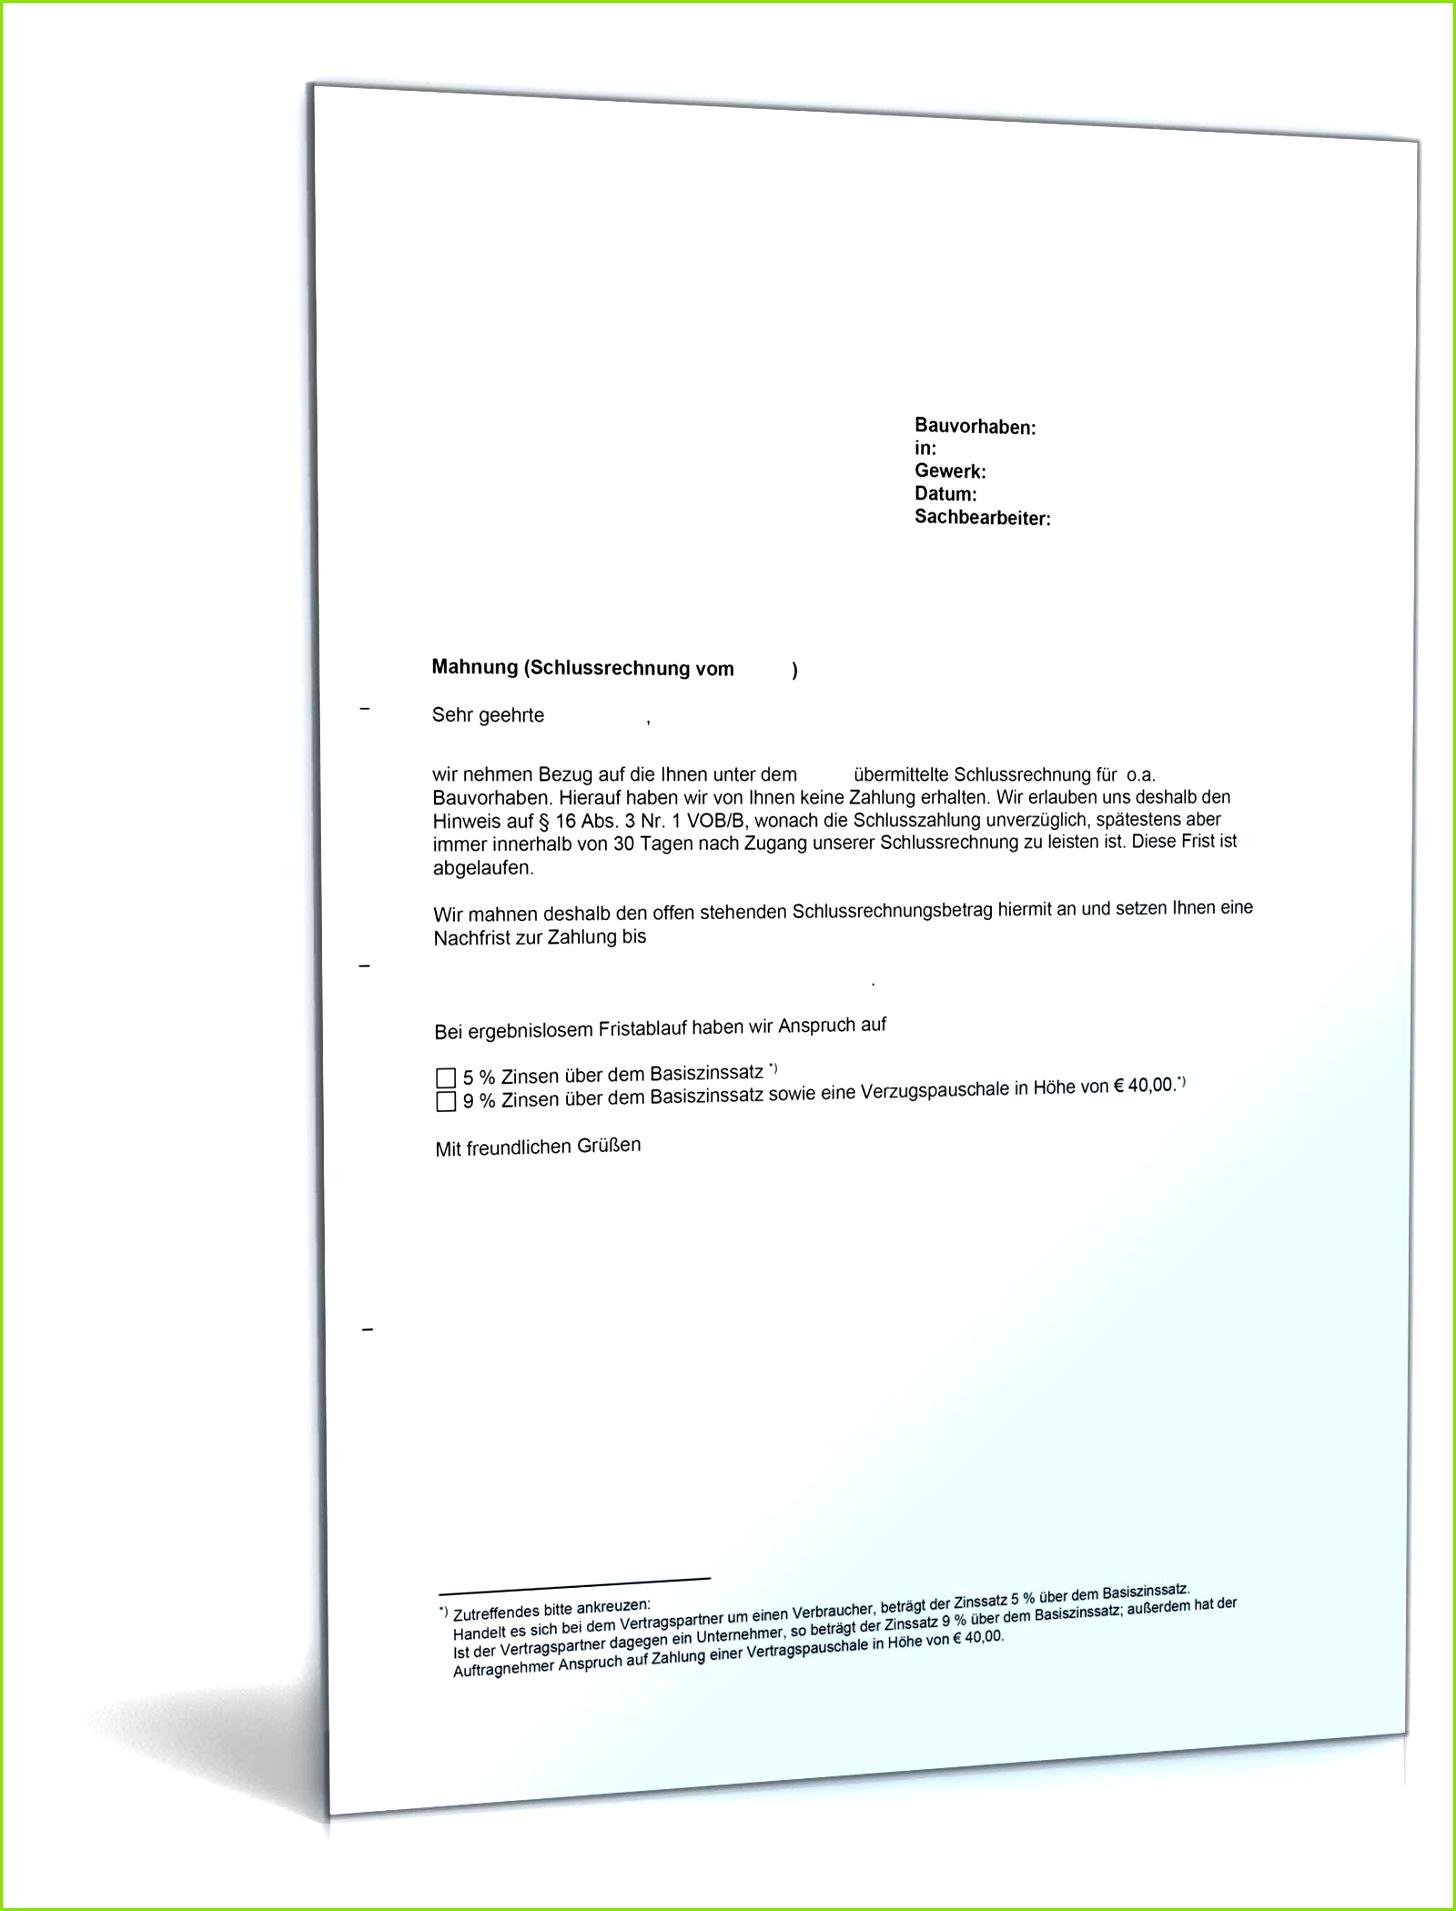 Mahnung einer Schlusszahlung VOB Vertrag